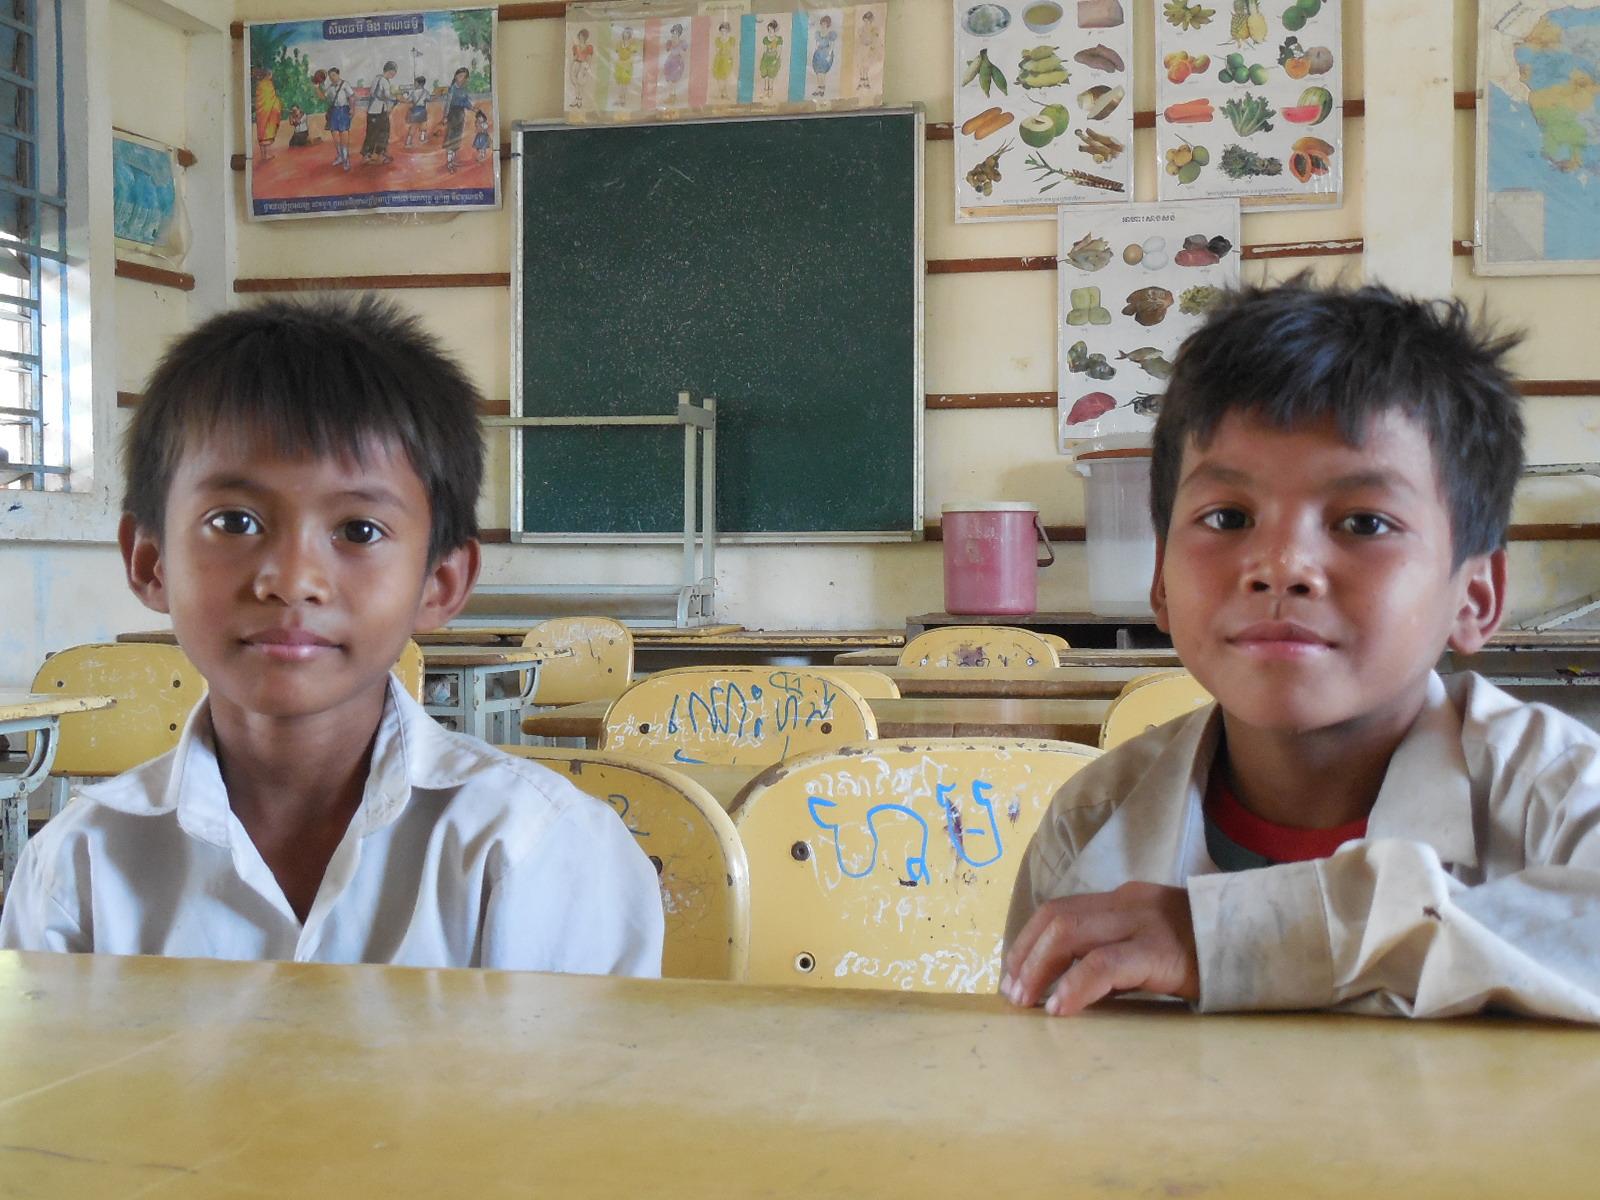 日本の統廃合した小学校で使われなくなった机・椅子・黒板をカンボジアまで運ぶつもりだったけどダメでした